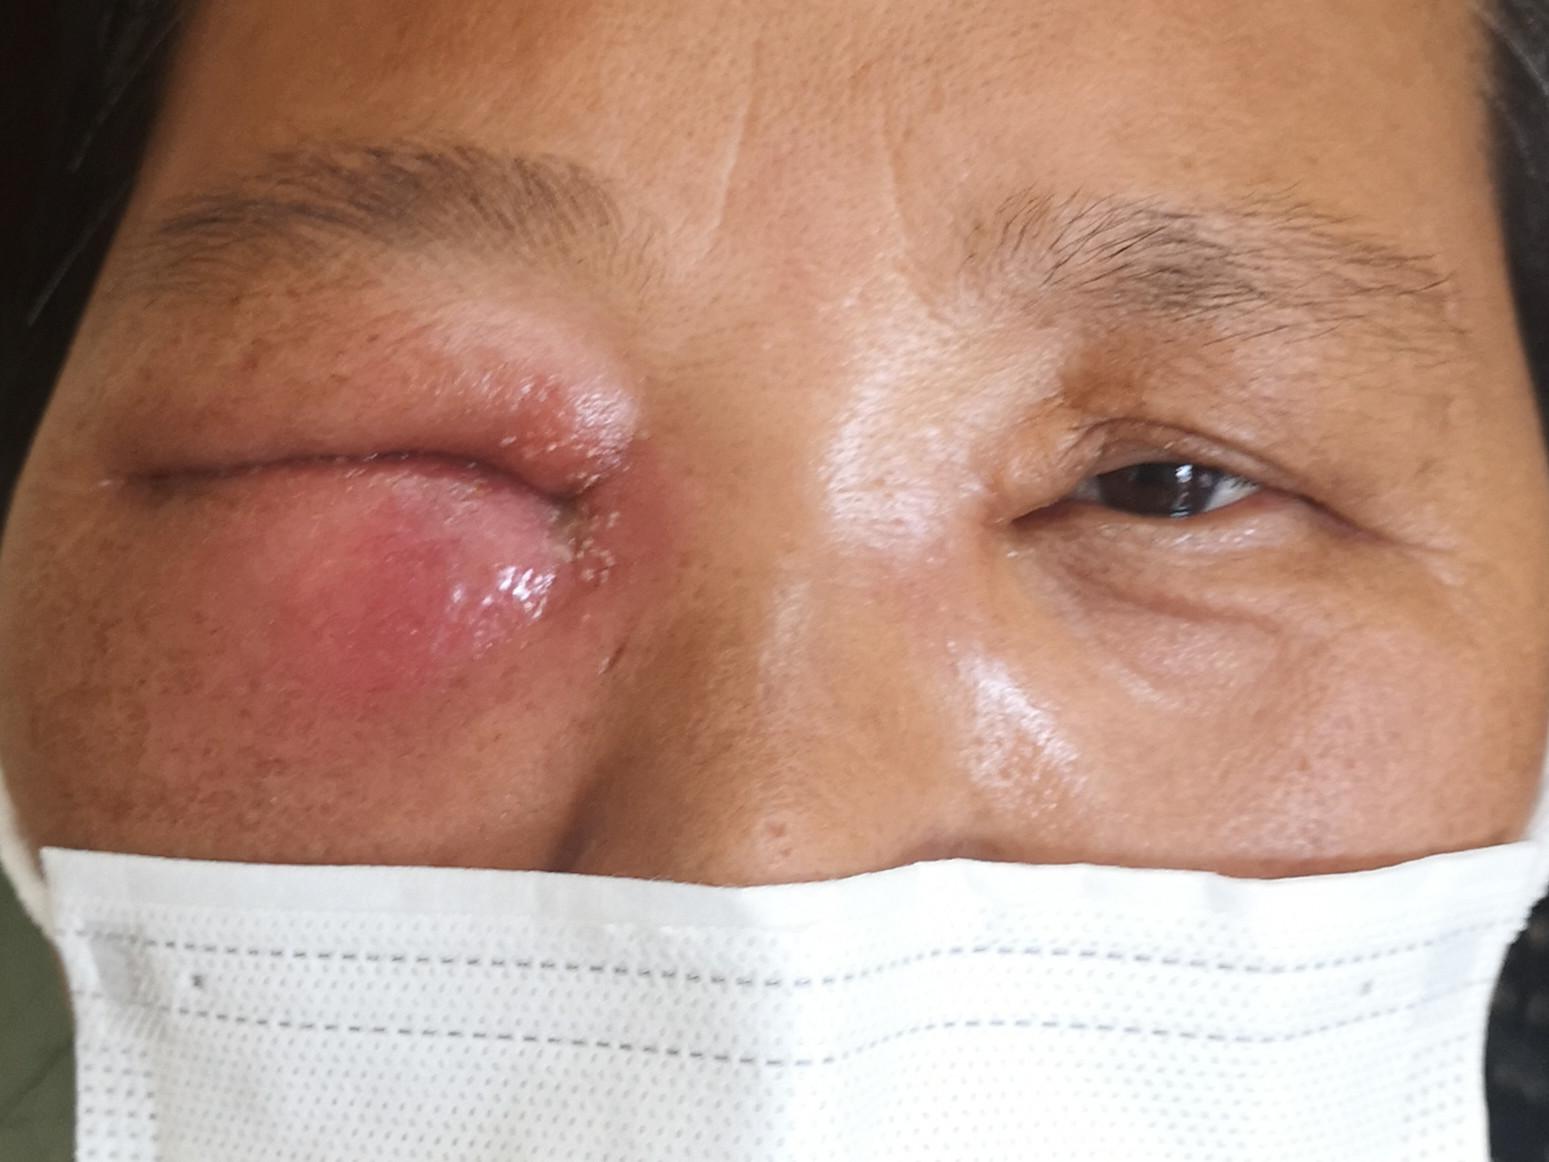 大妈眼肿如被蜜蜂蛰 因害怕拒绝再次手术 医生耐心劝导终获救治